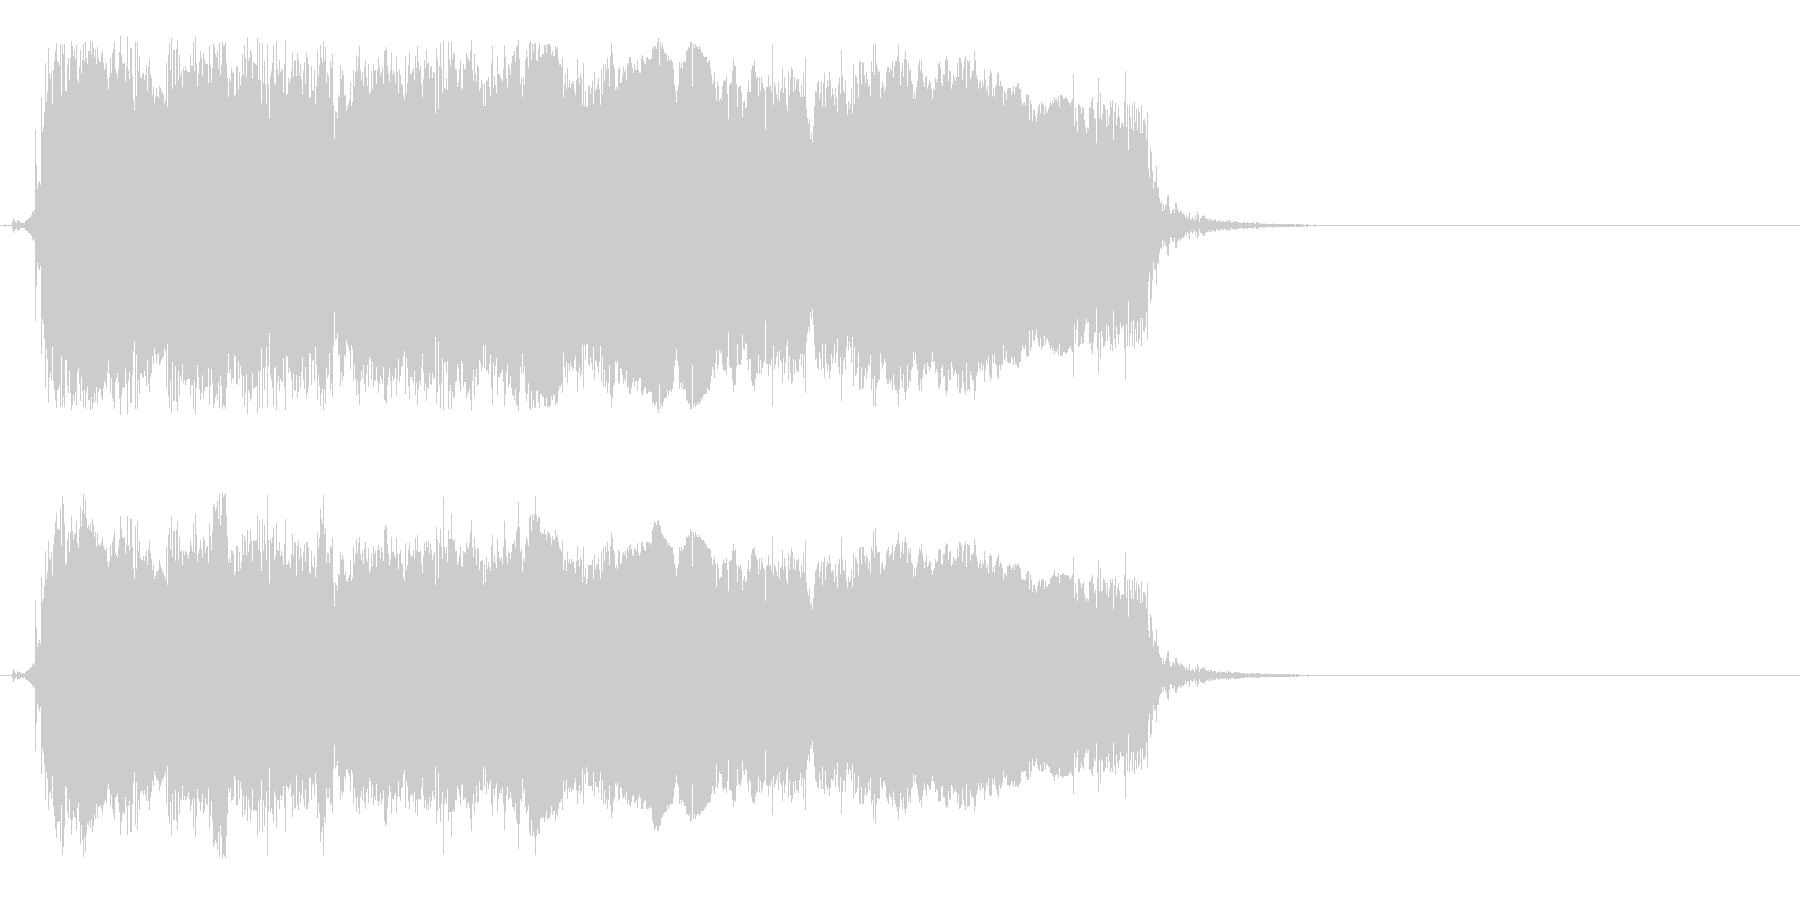 場面転換などに合いそうなロックギタージ…の未再生の波形